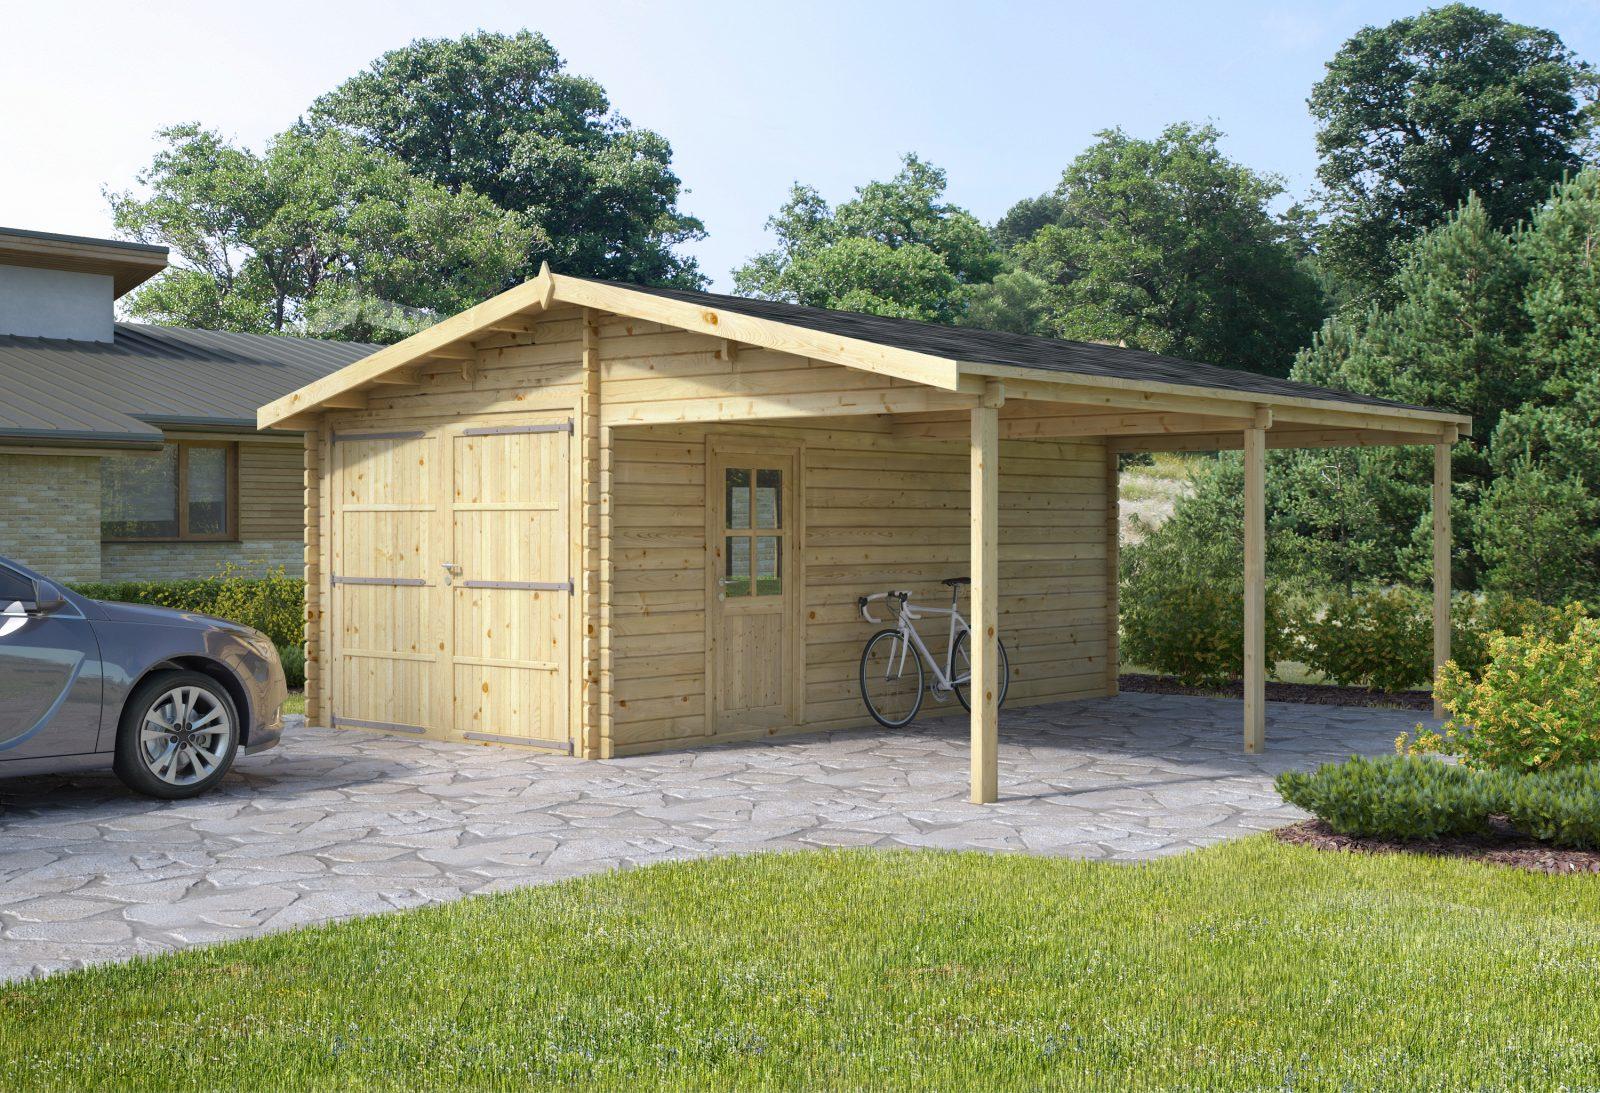 garage carport 6 x 6 m 4 log cabins sheds garages in london. Black Bedroom Furniture Sets. Home Design Ideas